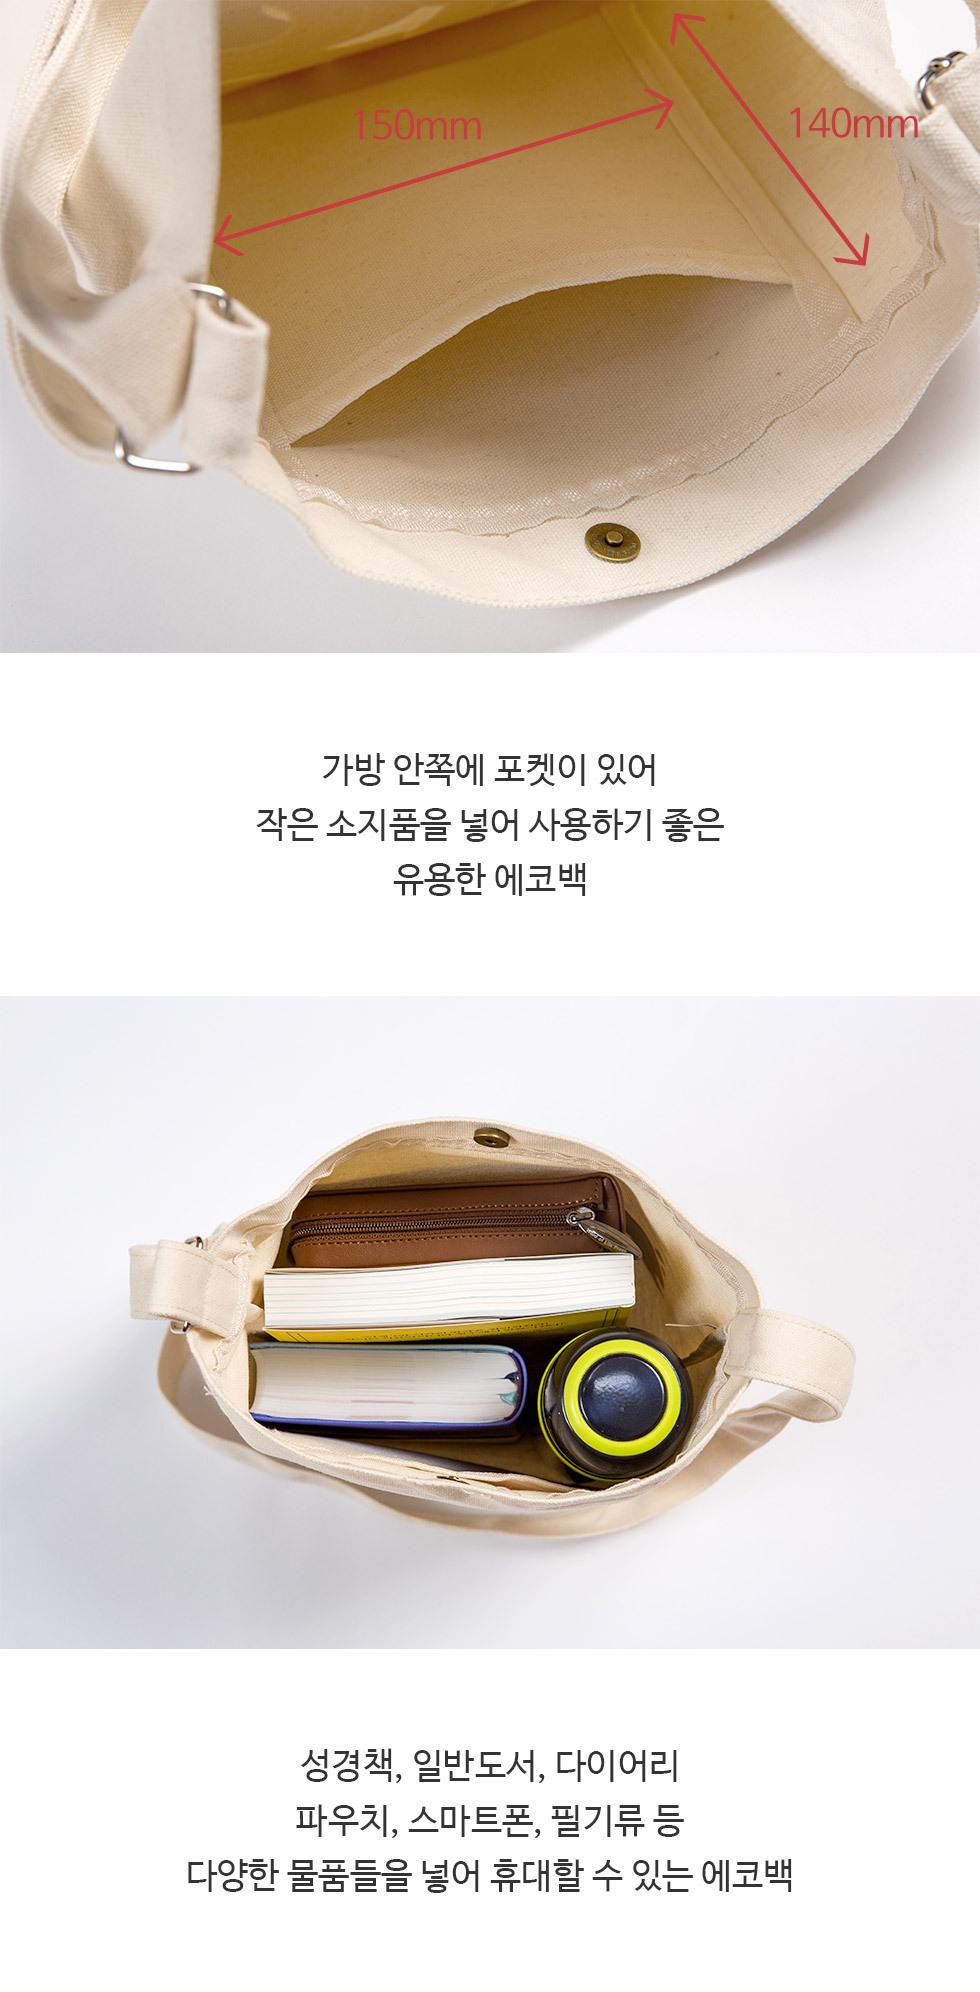 new 크로스 에코백 7종 (2021 신규 디자인) 디테일2 내부 포켓(주머니)